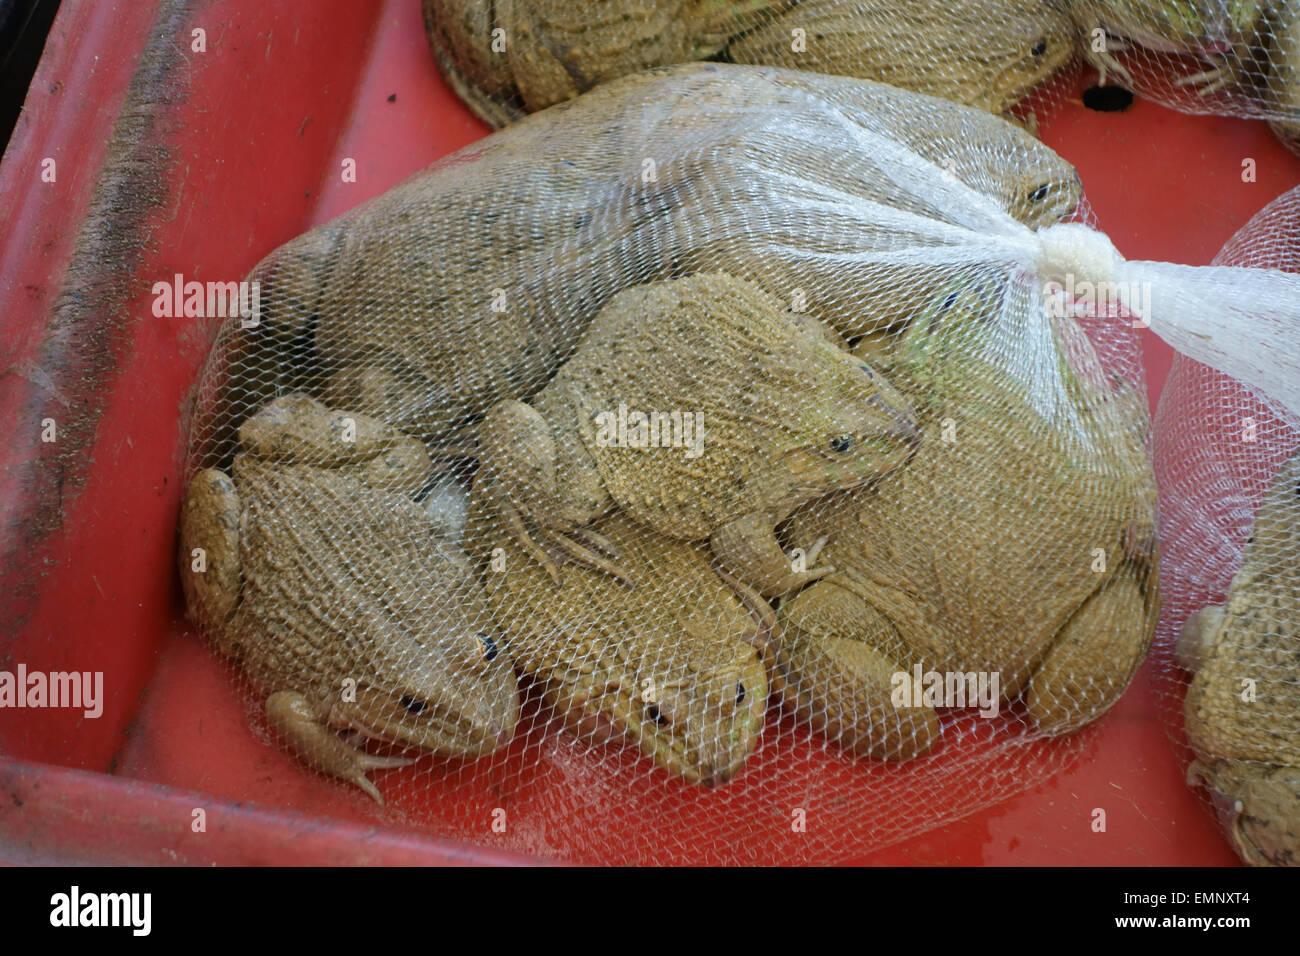 Les grenouilles comestibles chinois, Hoplobatrachus rugulosus, amphibiens vivant dans un sac filet dans un marché Photo Stock